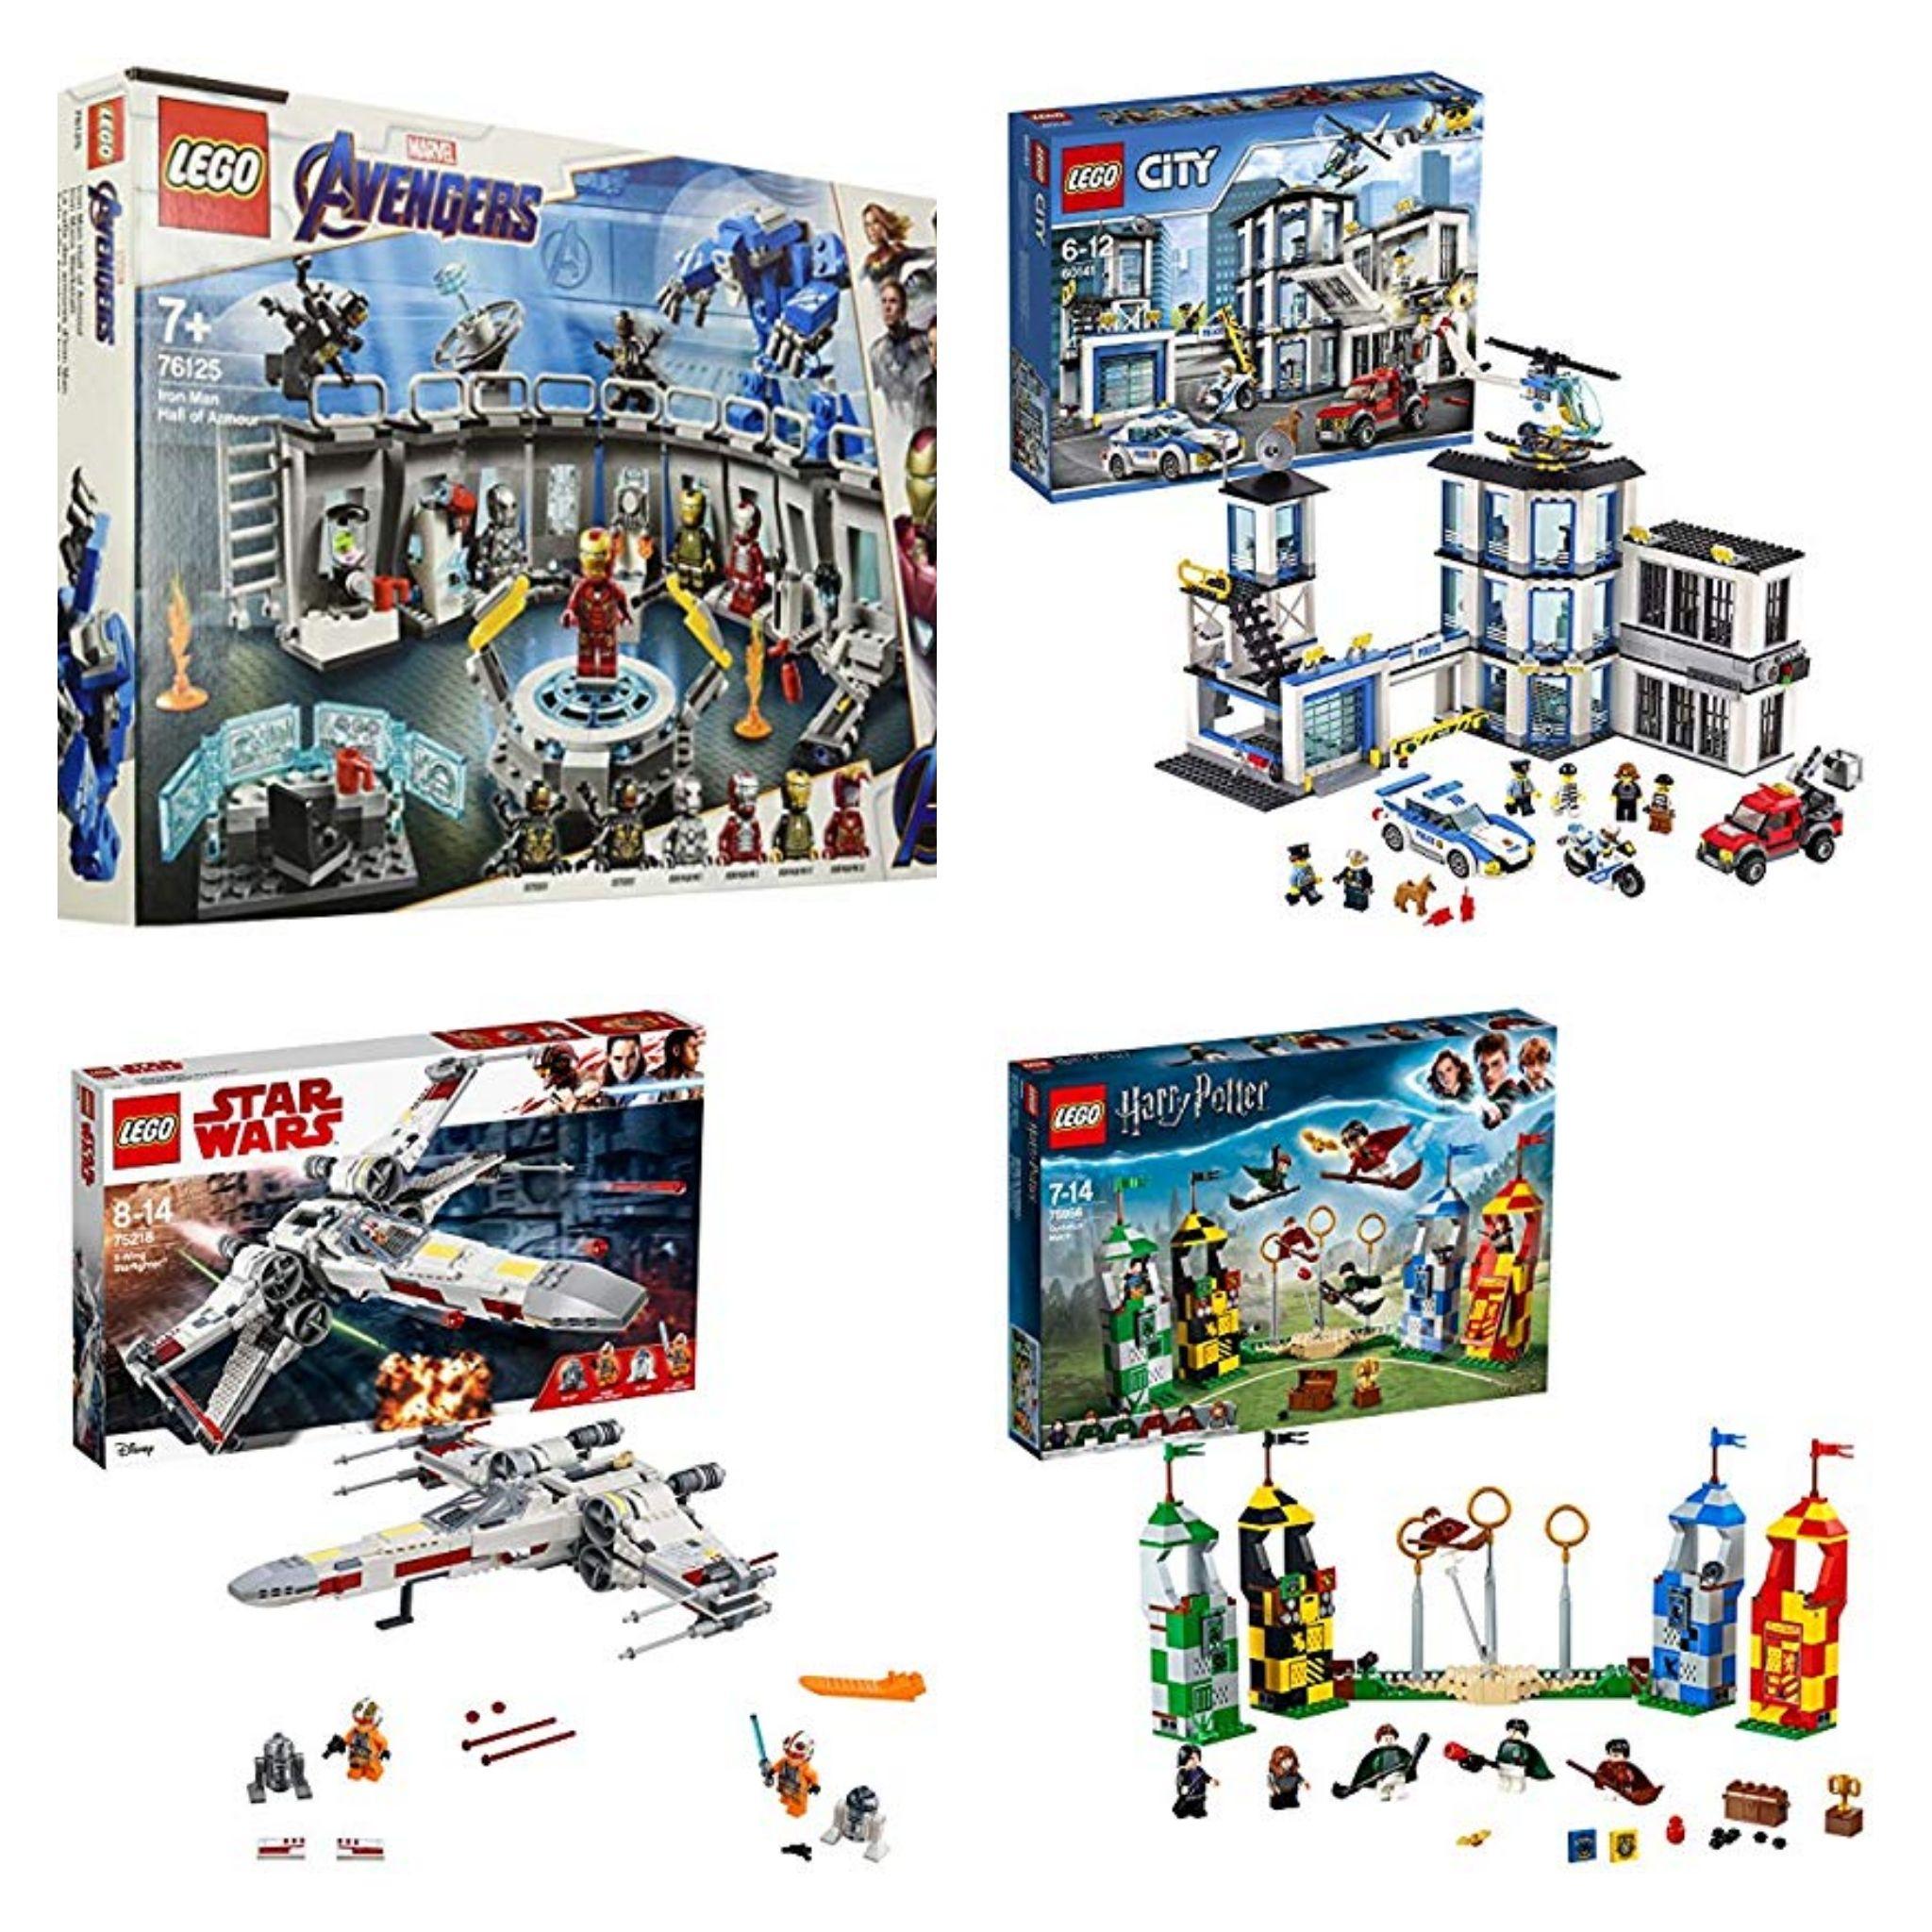 Descuento en varios sets de Lego